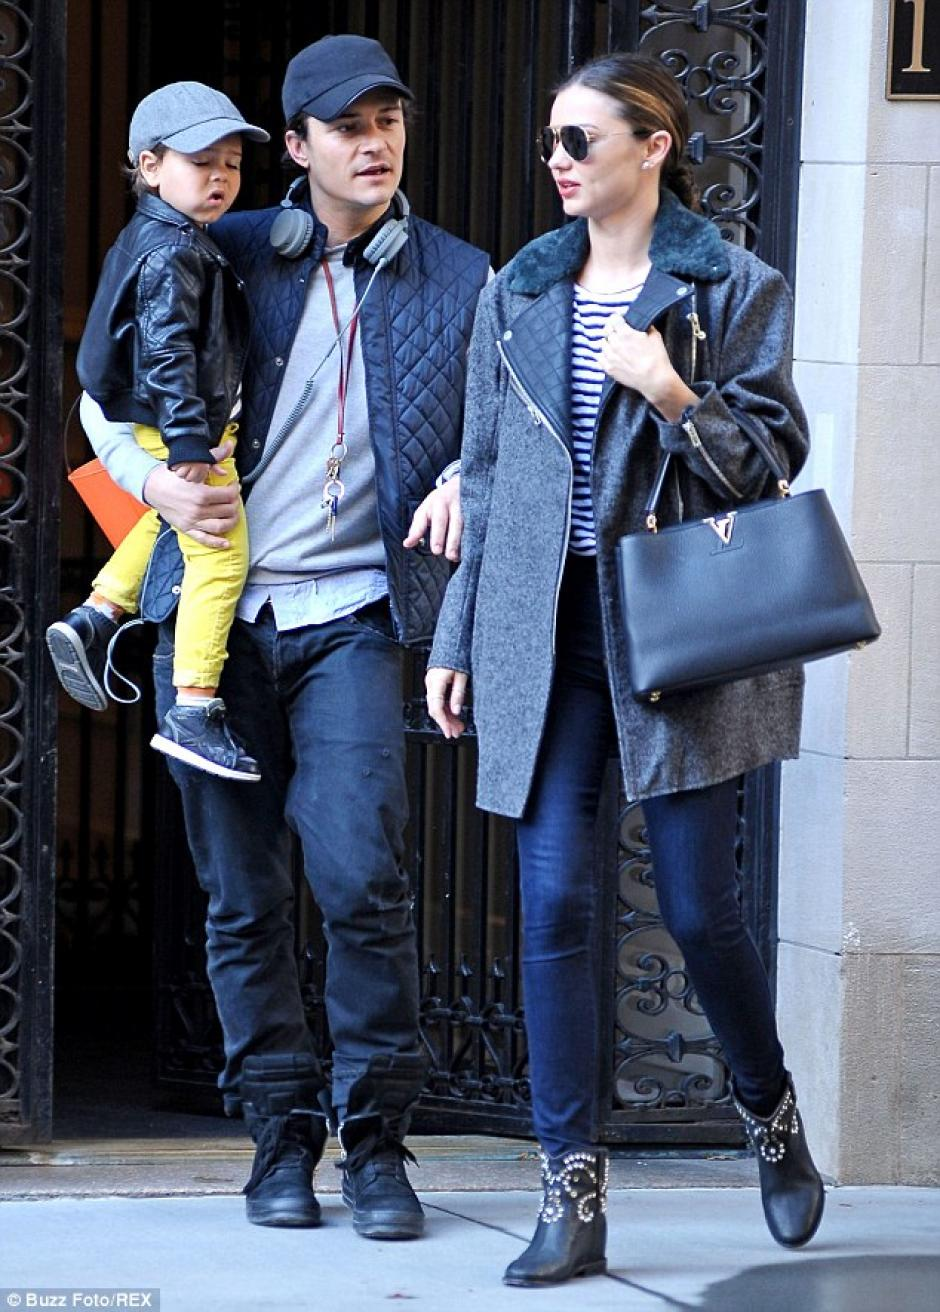 La modelo estuvo casada con el actor Orlando Bloom. (Ftoto: dailymail.com)